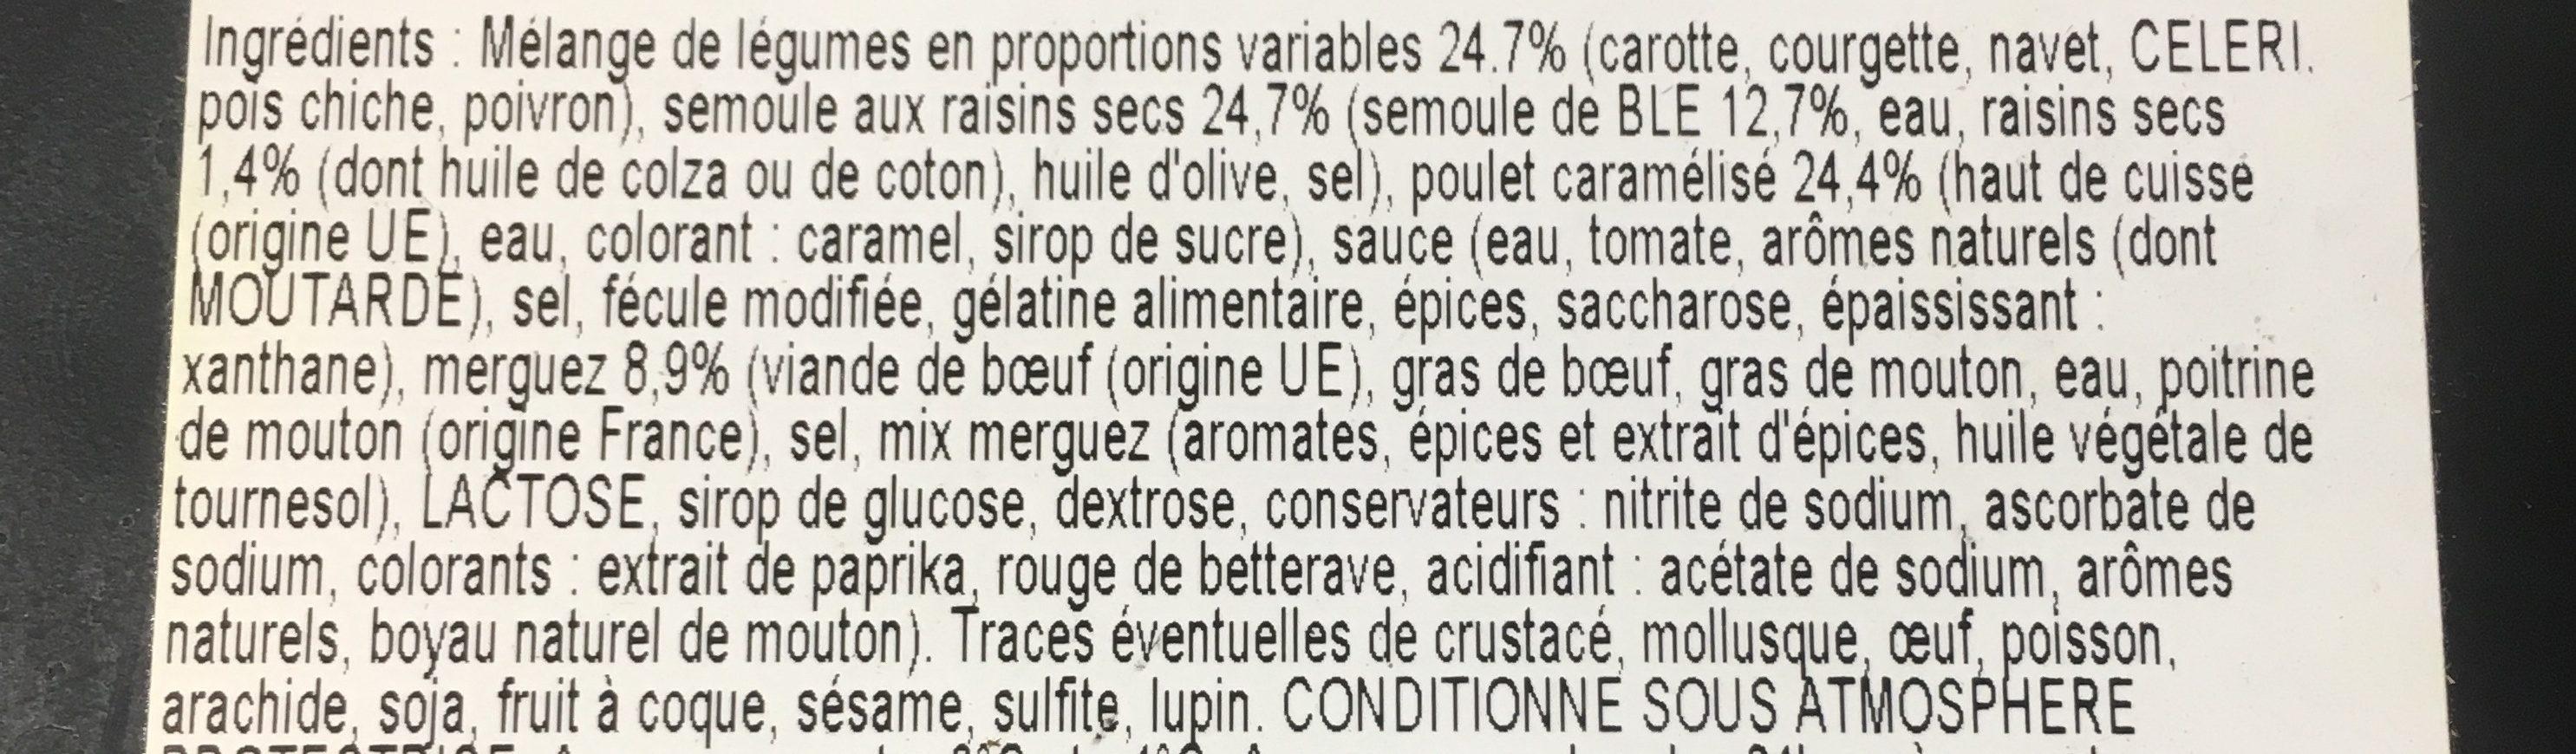 Couscous viande et semoule - Ingrédients - fr